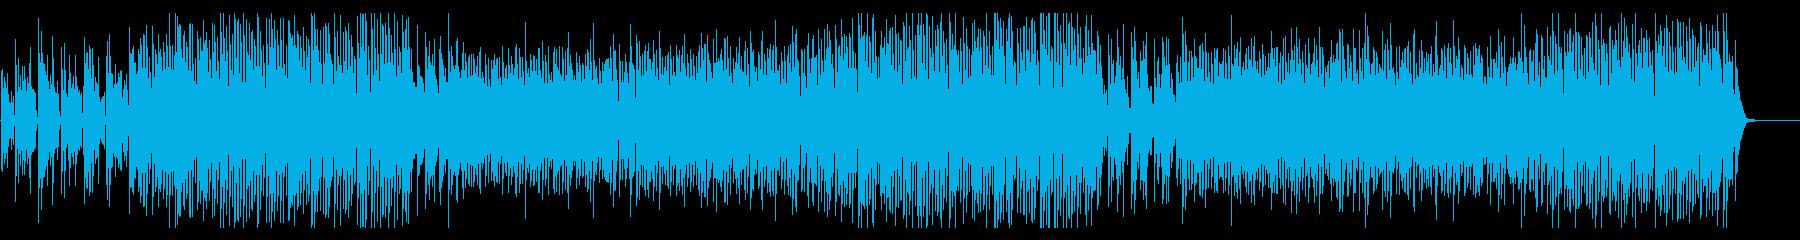 ノリノリ明るいピアノポップの再生済みの波形